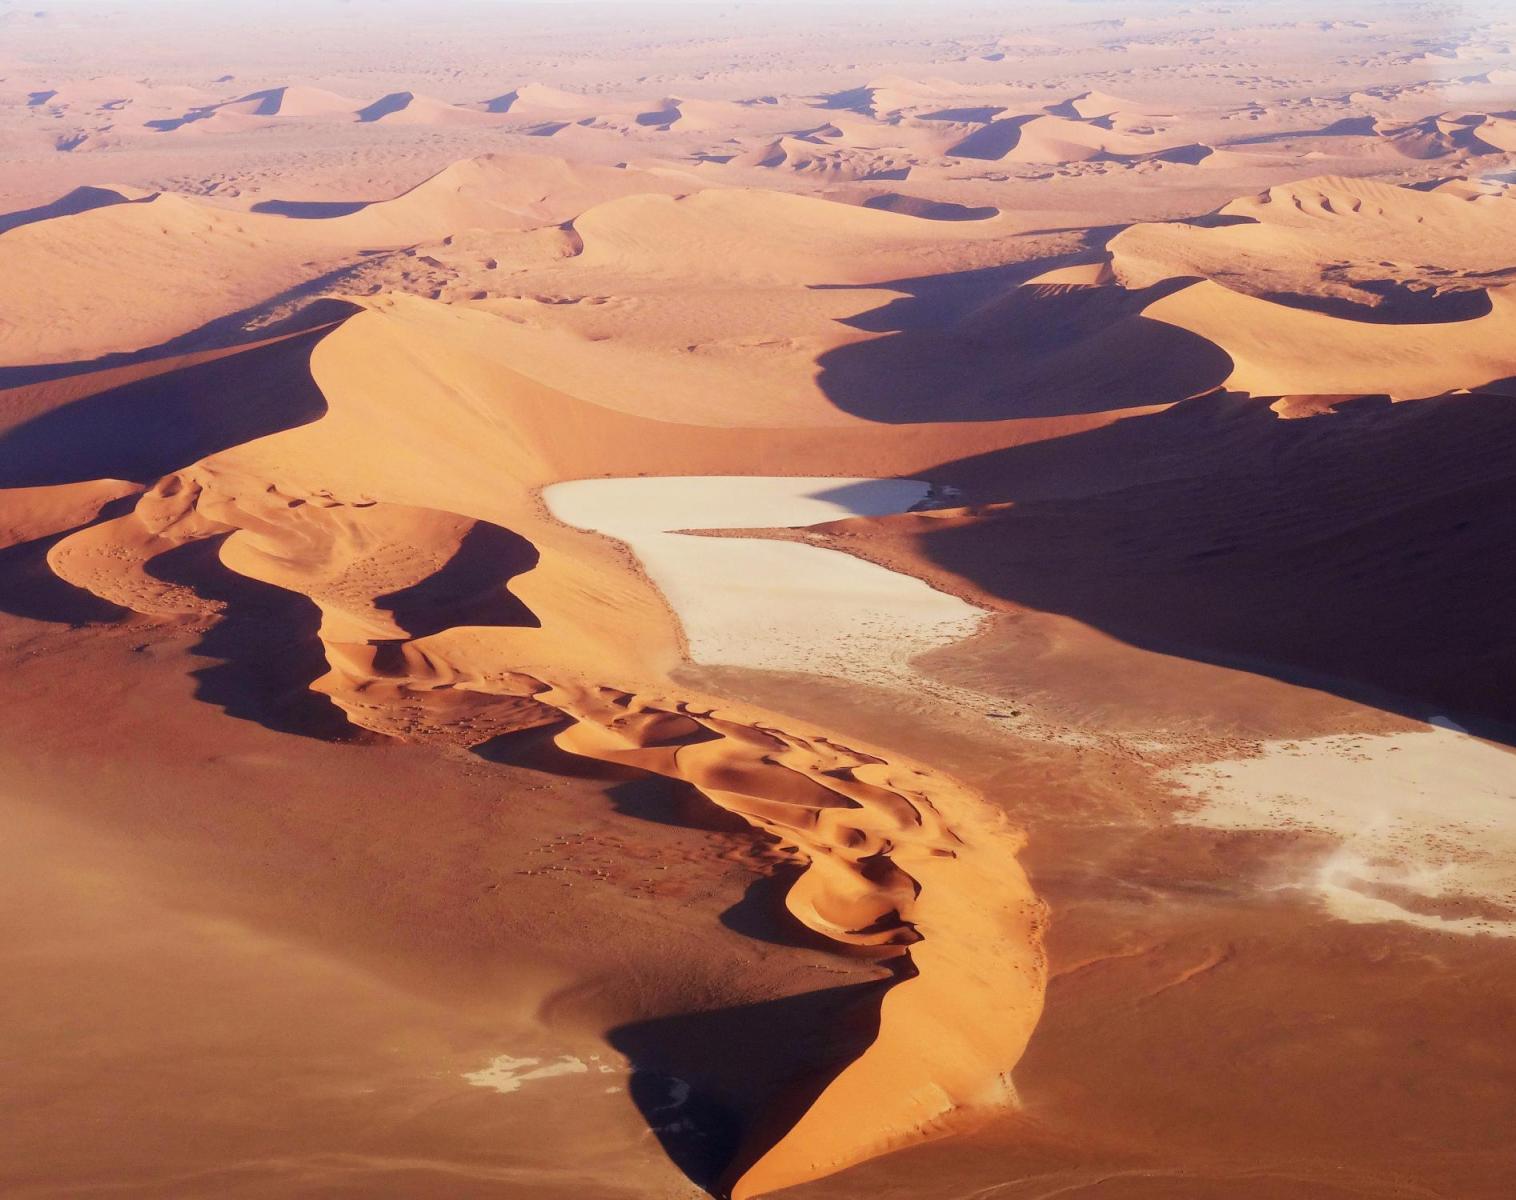 Namibie  Namibie, Autotour et Randonnée Guidée   Découverte Trek & Randonnée Observation nature Rencontres et cultures du Monde